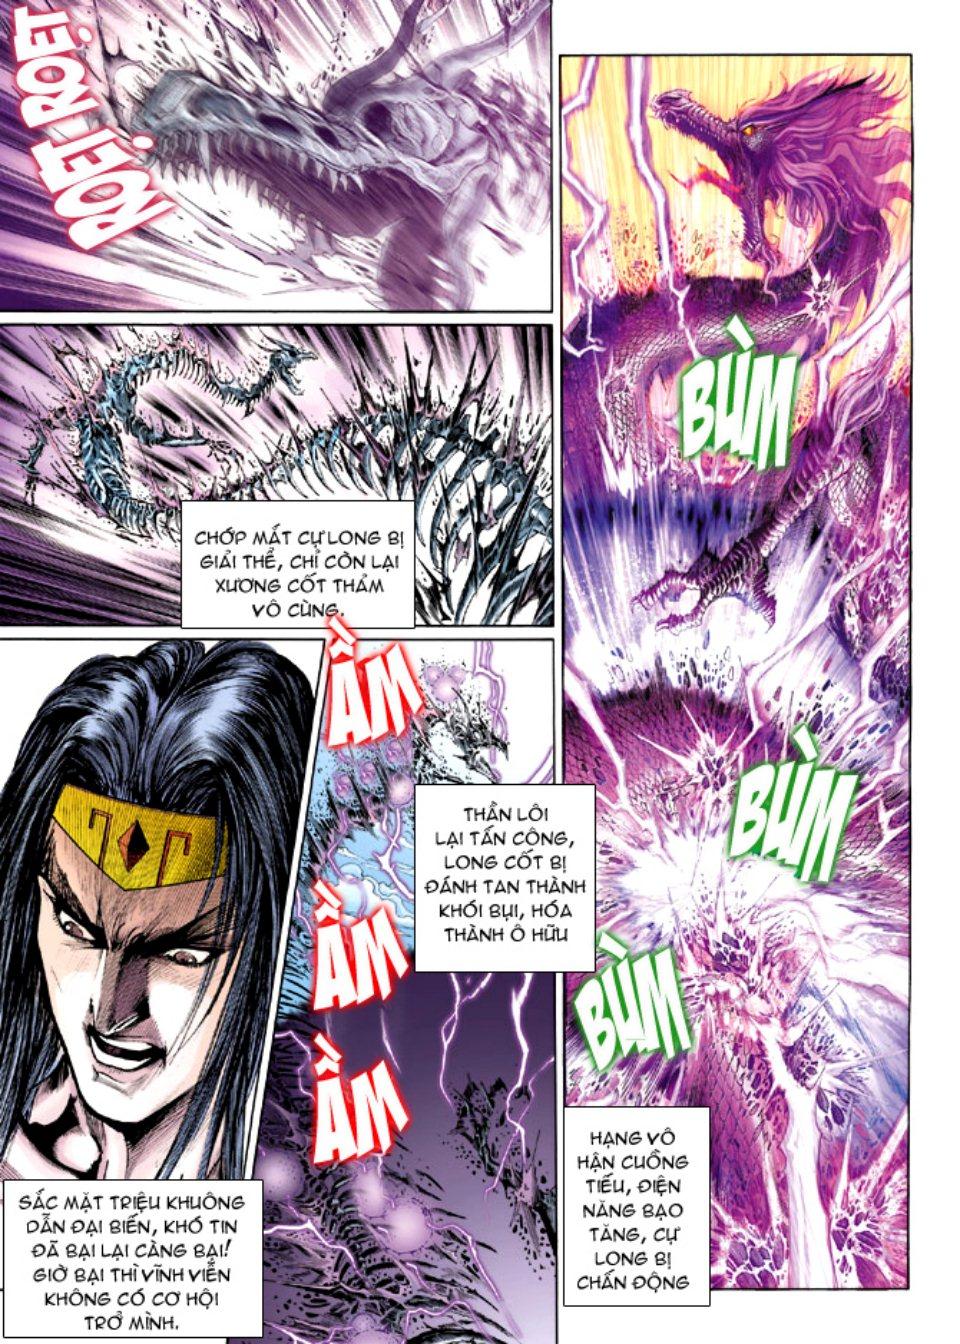 Thiên Tử Truyền Kỳ 5 - Như Lai Thần Chưởng chap 214 - Trang 7